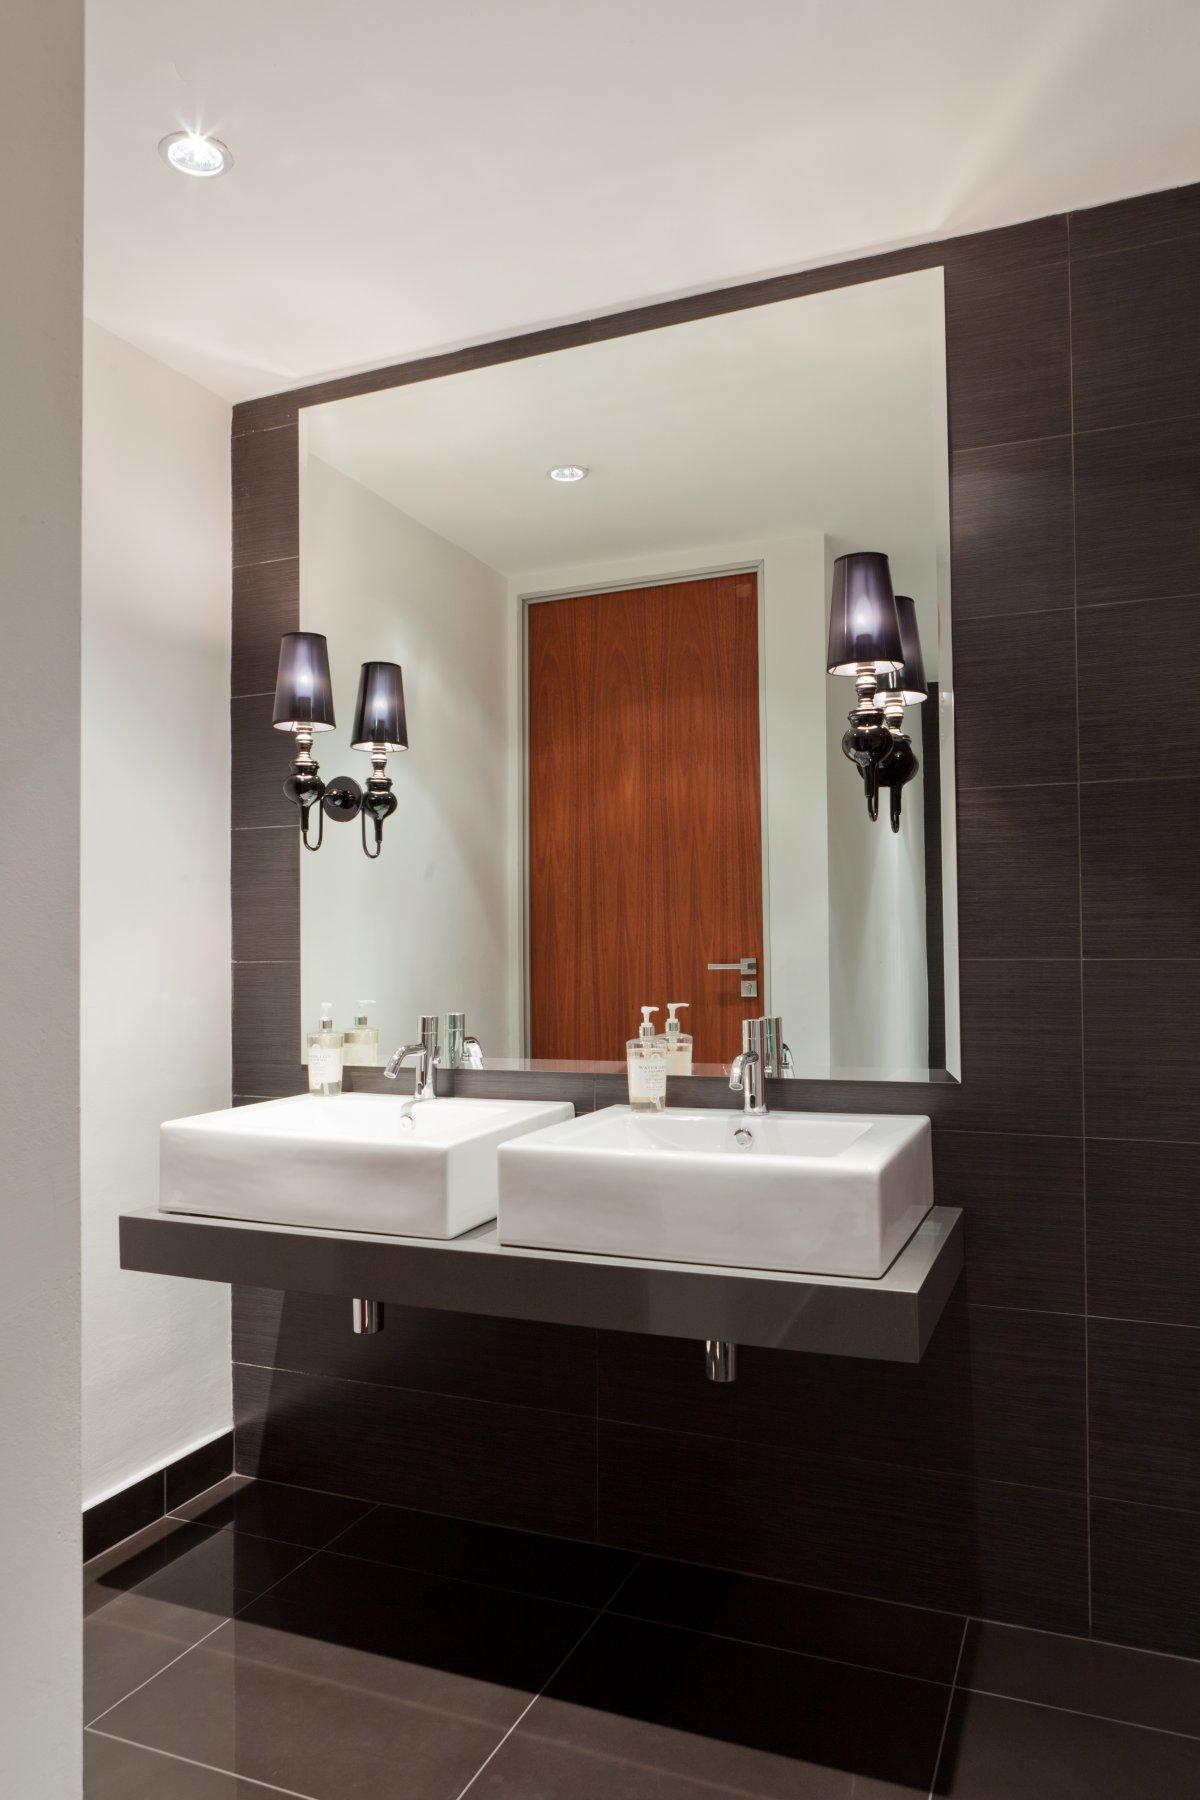 Deneys reitz office interior by collaboration karmatrendz for Office restroom design